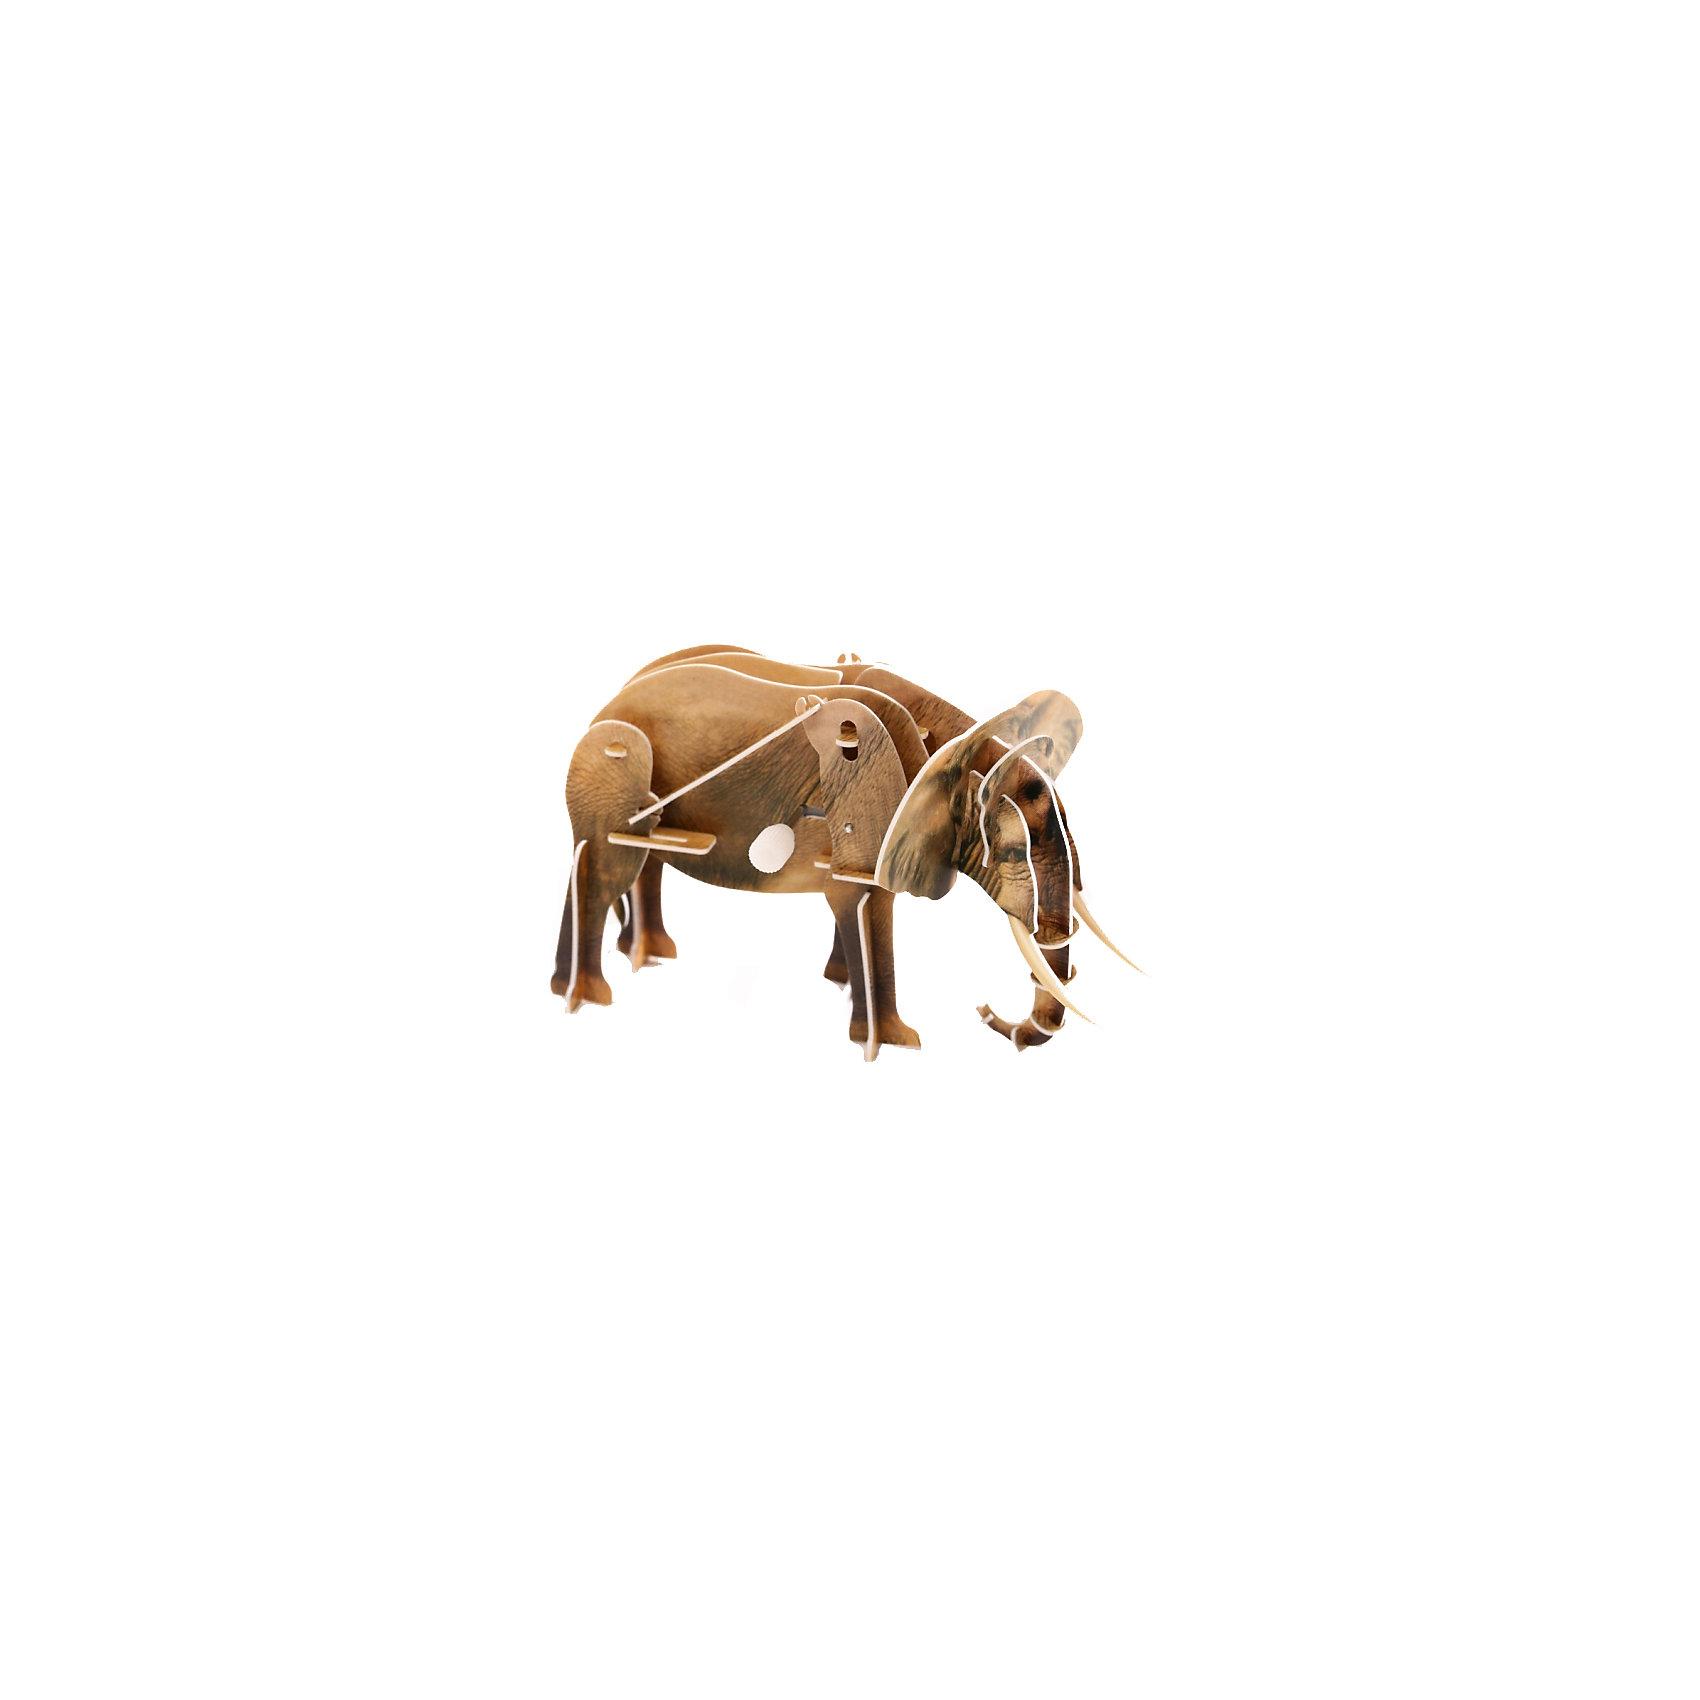 Конструктор – 3D пазл заводной: Слон, UFПластмассовые конструкторы<br>Пазл «Слон» с заводным механизмом – это качественная и интересная игрушка, которая развивает моторику и пространственное мышление. Пазл создается без клея, он складывается из пластиковых деталей, которые вставляются в специальные пазы. Одна из деталей пазла представляет собой коробочку с заводным механизмом. Она становится центральной частью фигурки слона. Заведя игрушку, можно будет наблюдать, как слон идет, перебирая лапами.<br><br>Ширина мм: 135<br>Глубина мм: 100<br>Высота мм: 25<br>Вес г: 47<br>Возраст от месяцев: 72<br>Возраст до месяцев: 1188<br>Пол: Унисекс<br>Возраст: Детский<br>SKU: 5516763